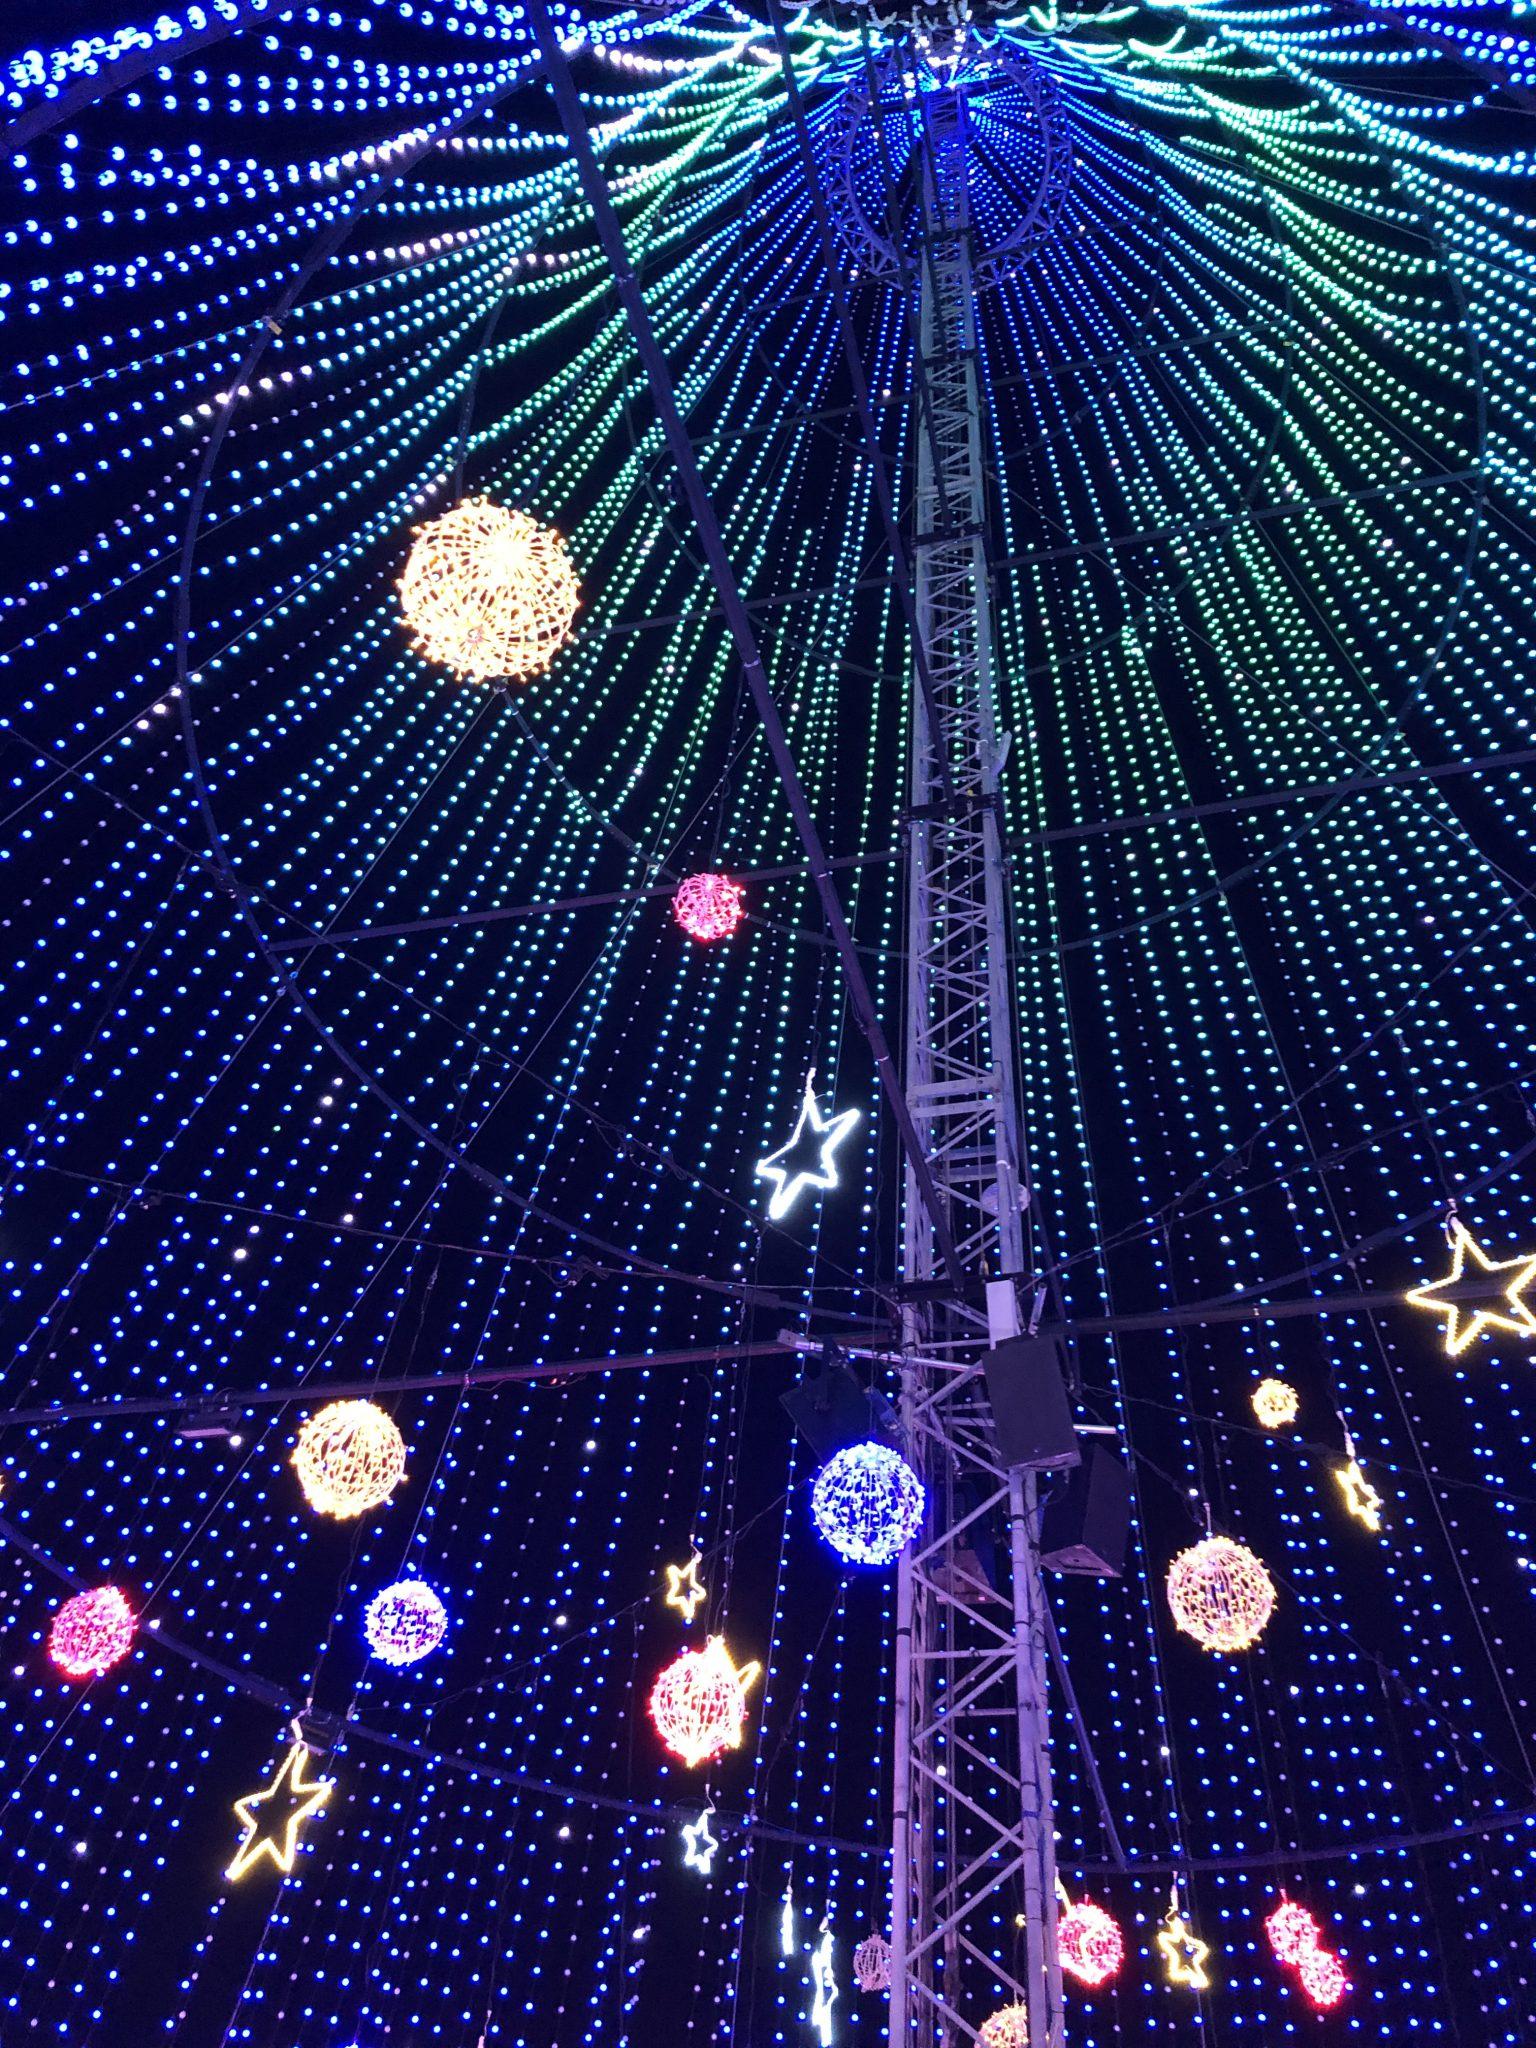 Vue sous l'arbre des lumières